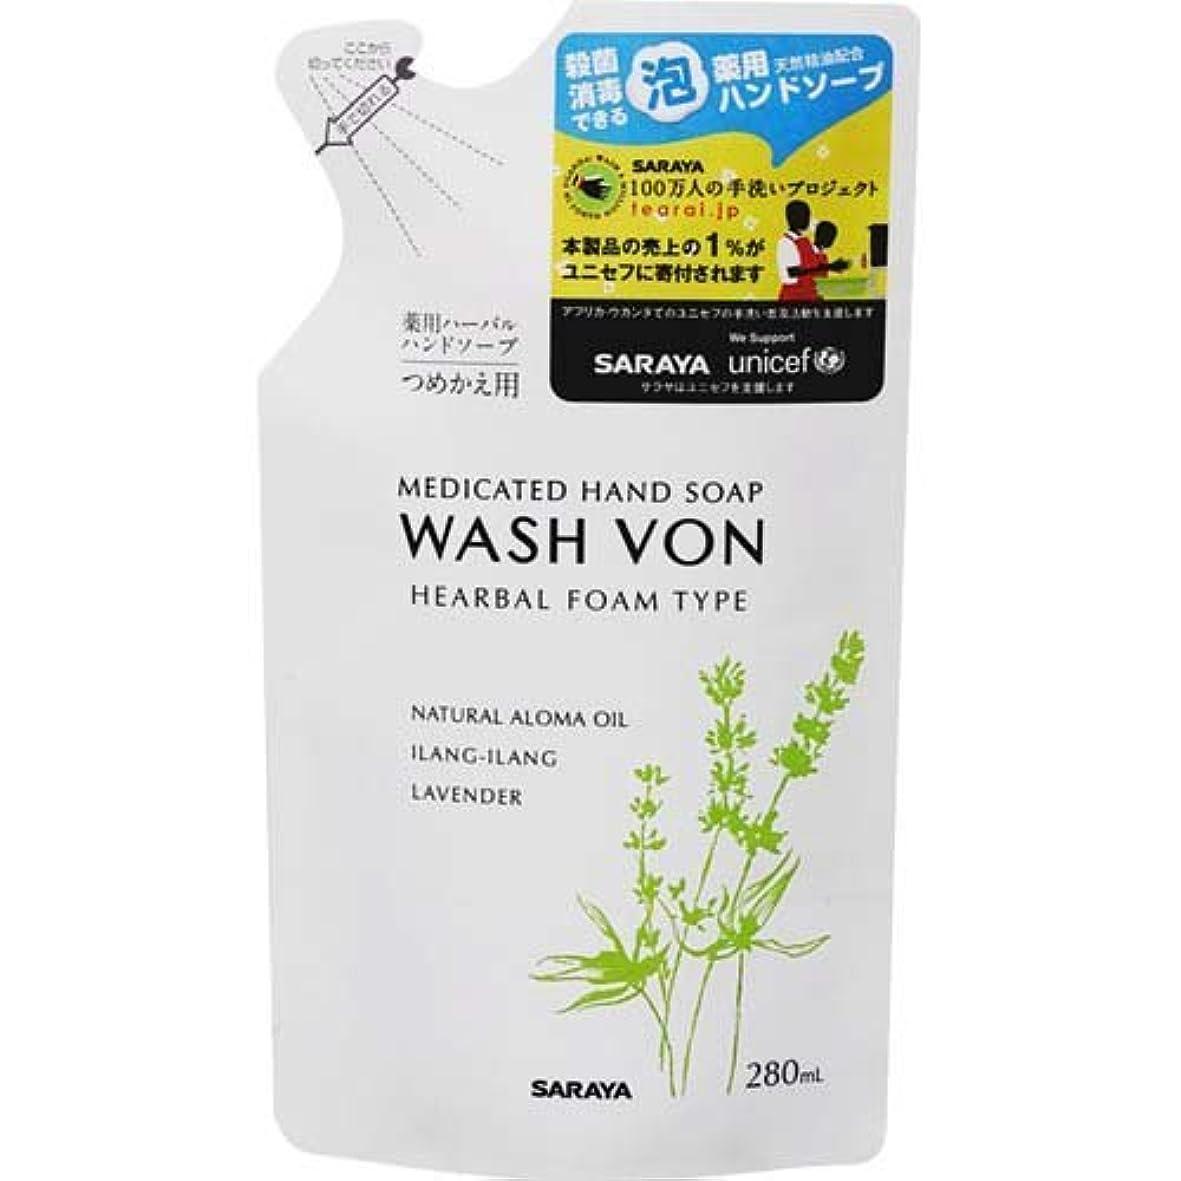 ビリーヤギかみそり注釈WASH VONハーバル薬用ハンドソープ 詰替 280ml × 3個